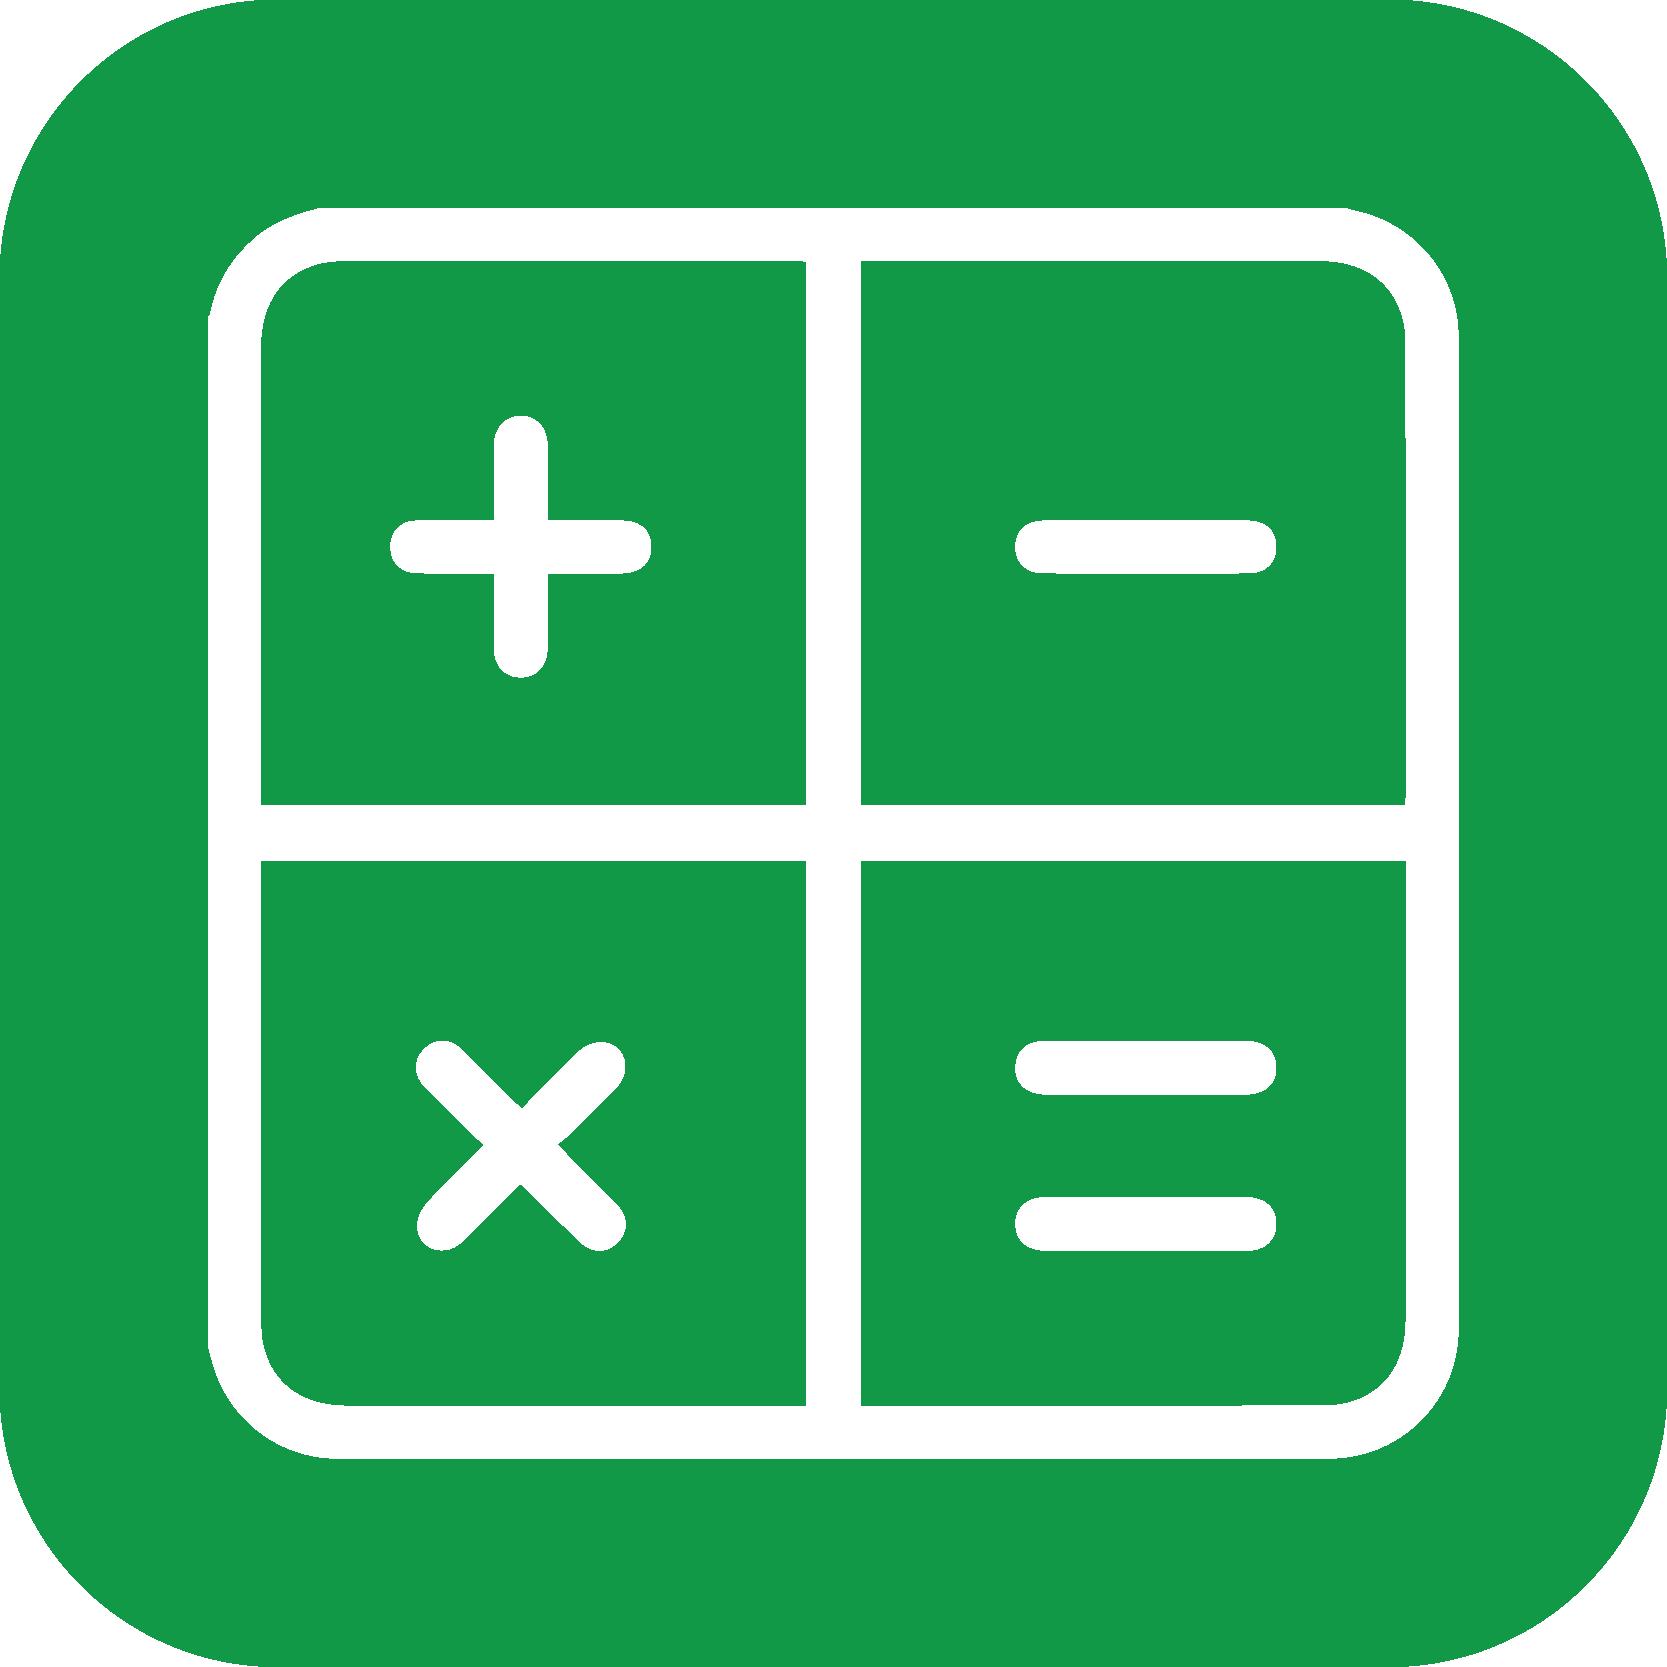 Nøgletal ikon grøn